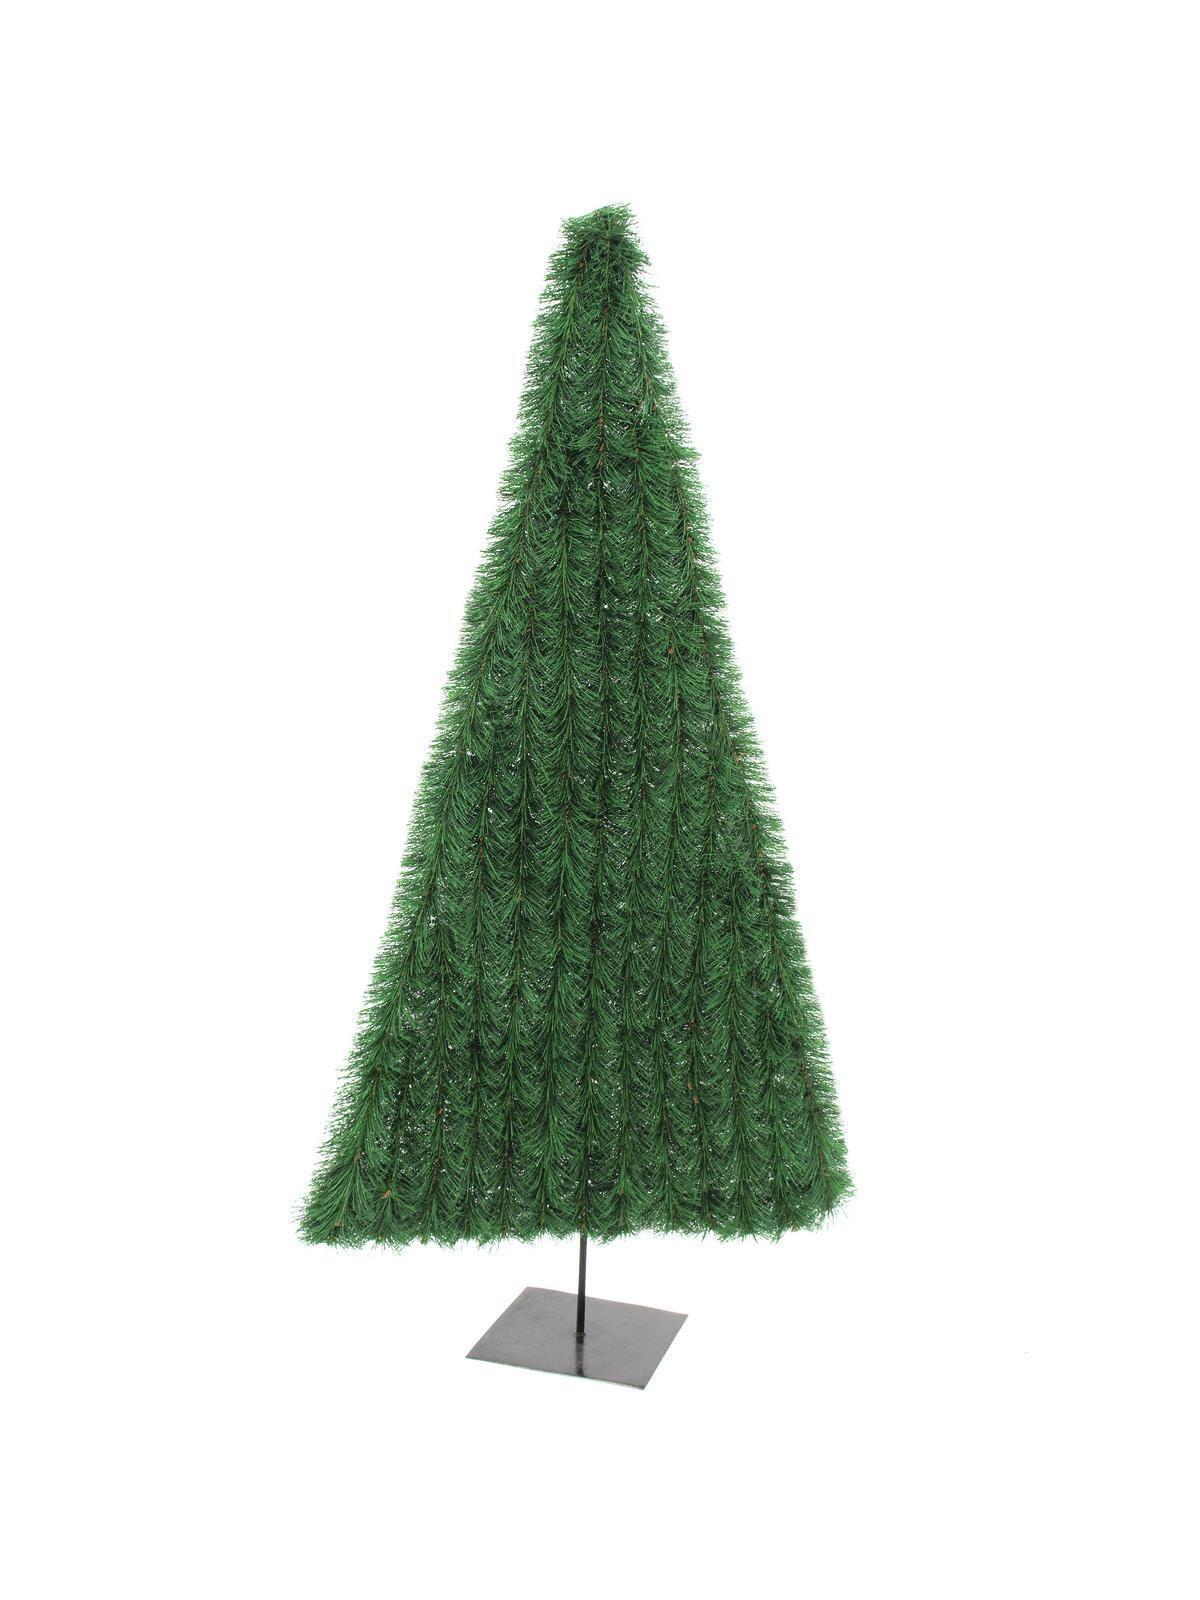 Decorazione speciale-Tannenbaum - 2d ottica verde scuro 150cm per vendita vendita vendita al dettaglio Club Bar 8294d1